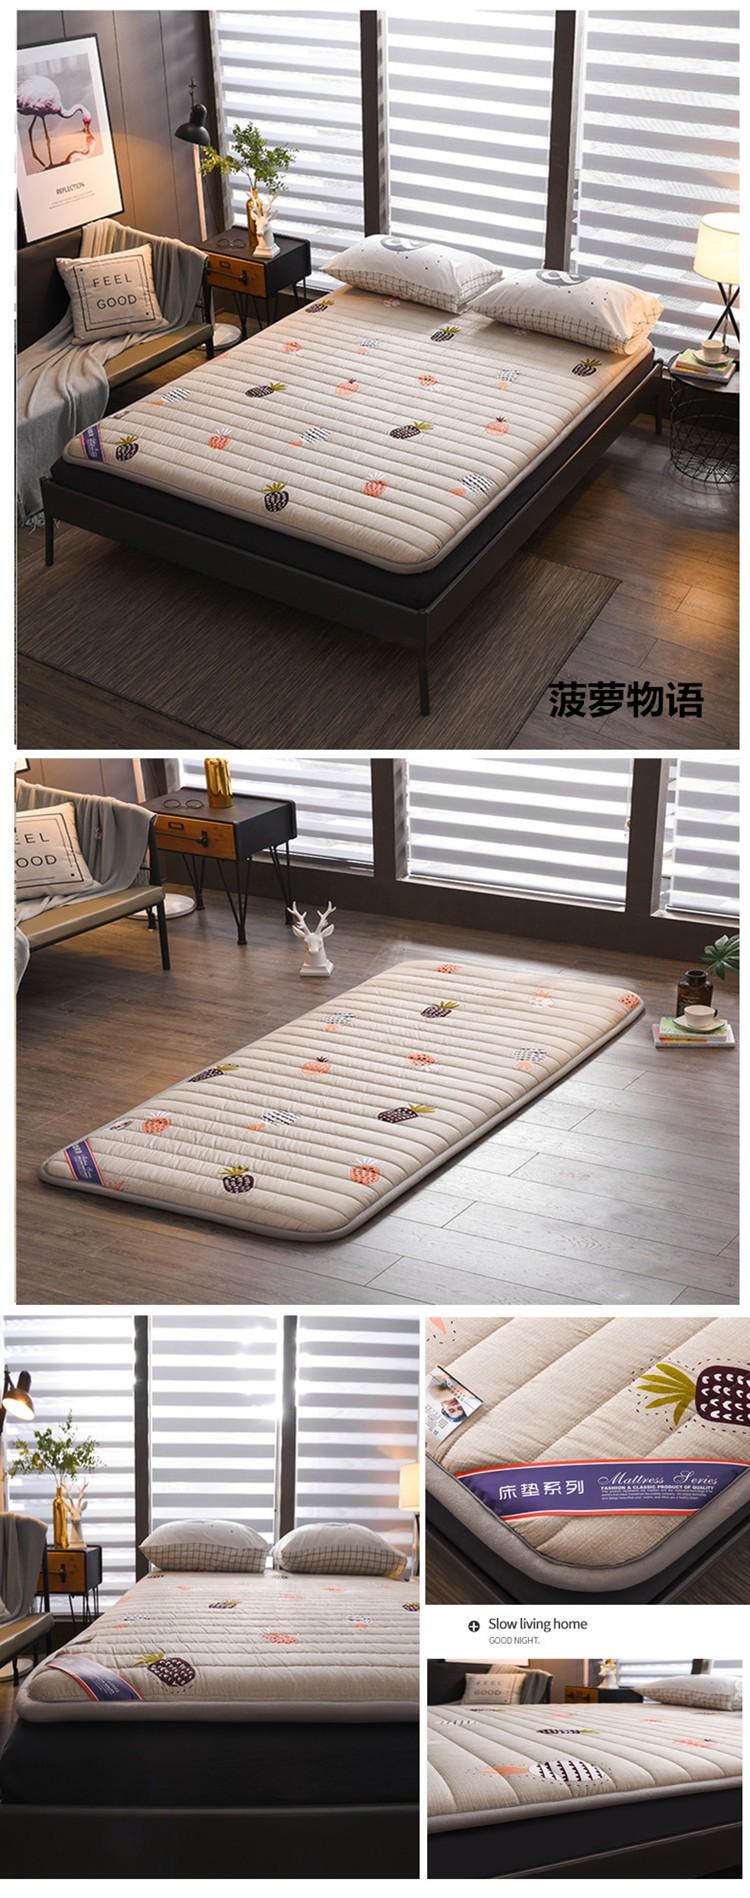 菠萝物语-绗缝款.jpg